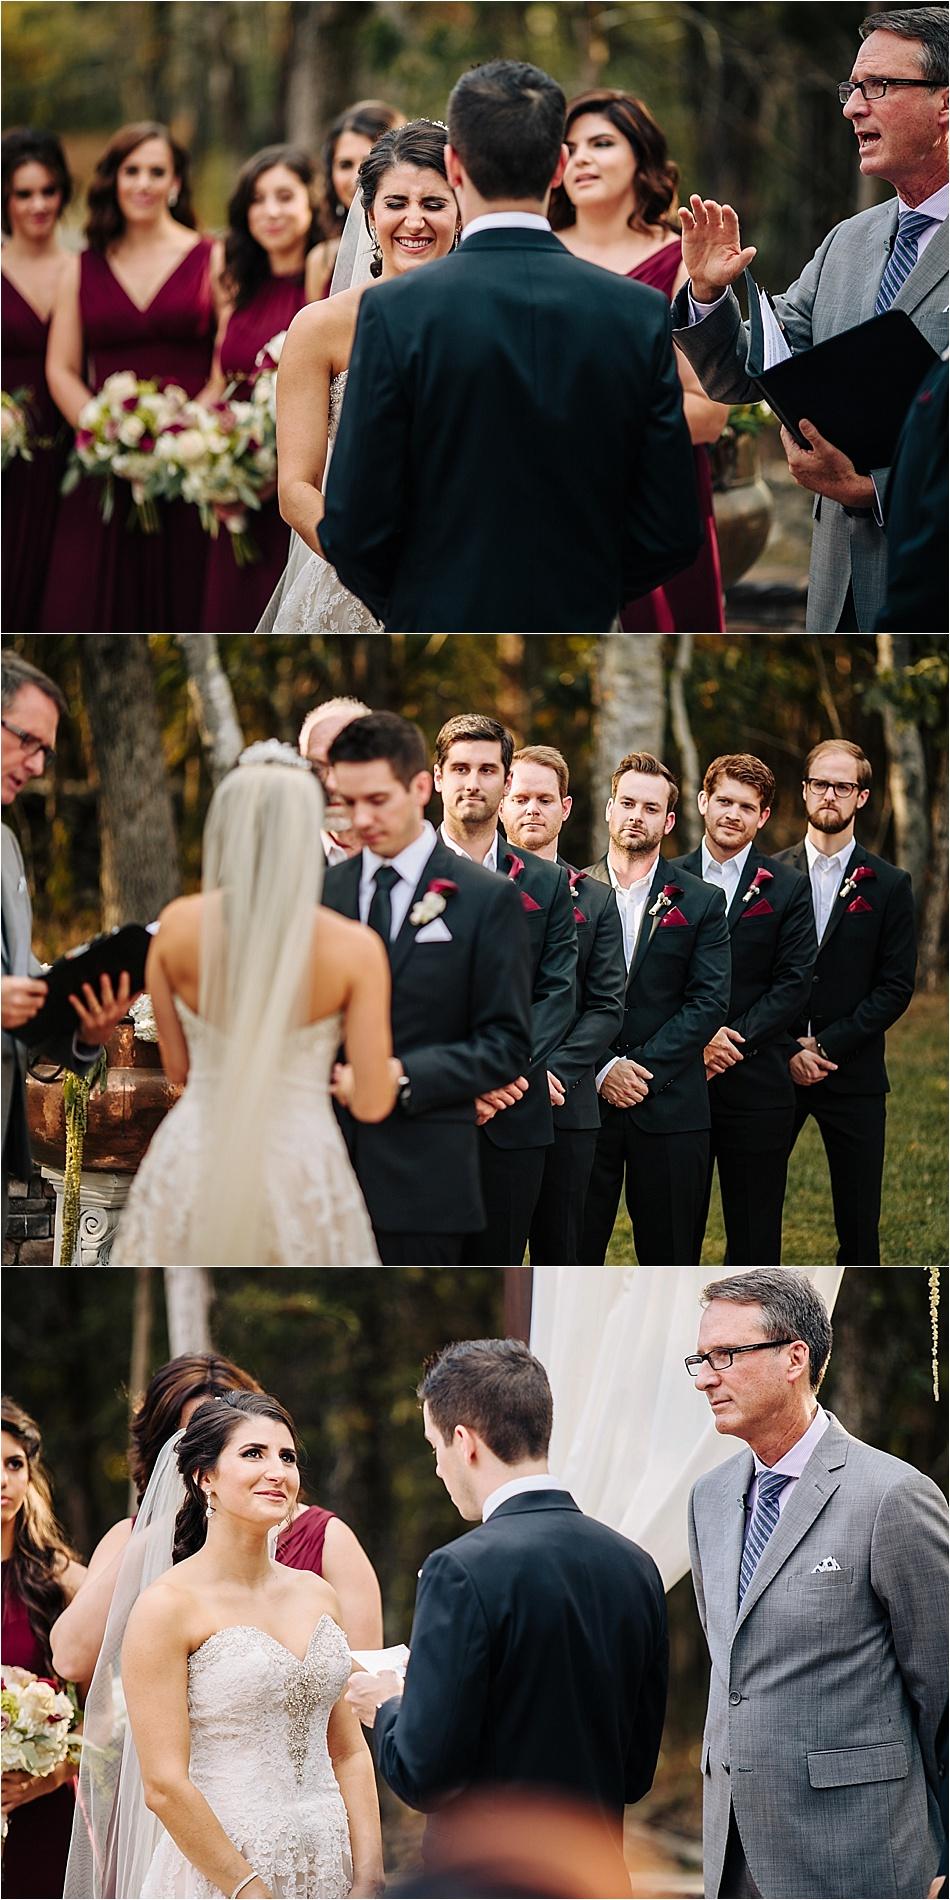 CK-Photo-Nashville-engagement-wedding-photographer-the-lodge